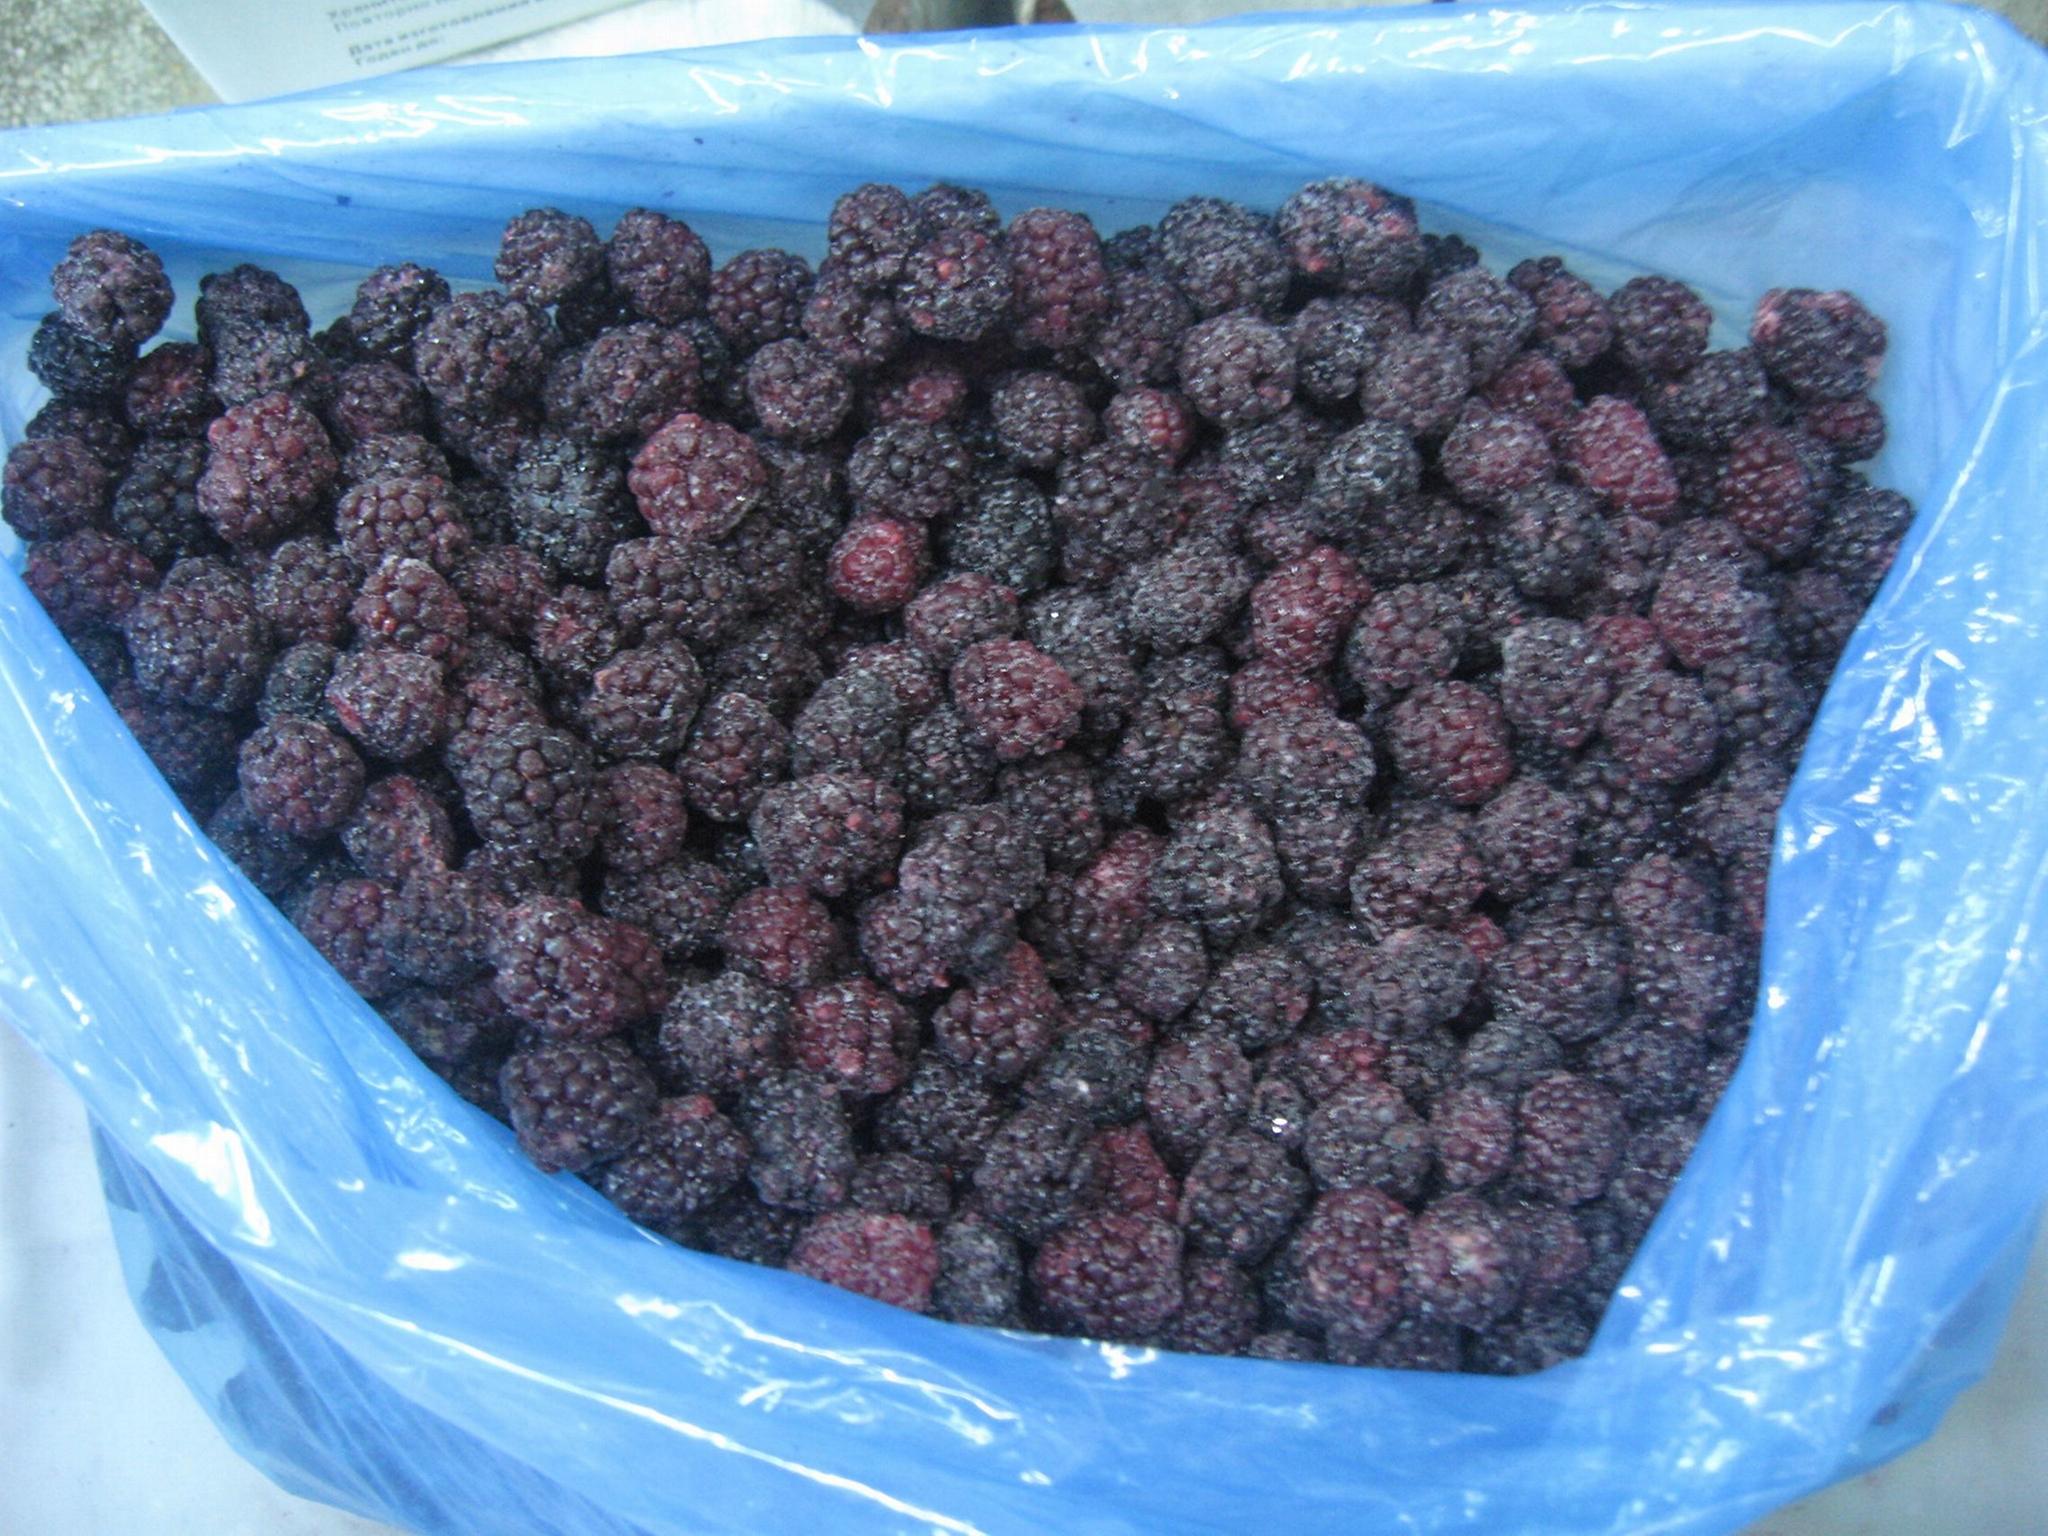 冷凍黑莓,速凍黑莓 5